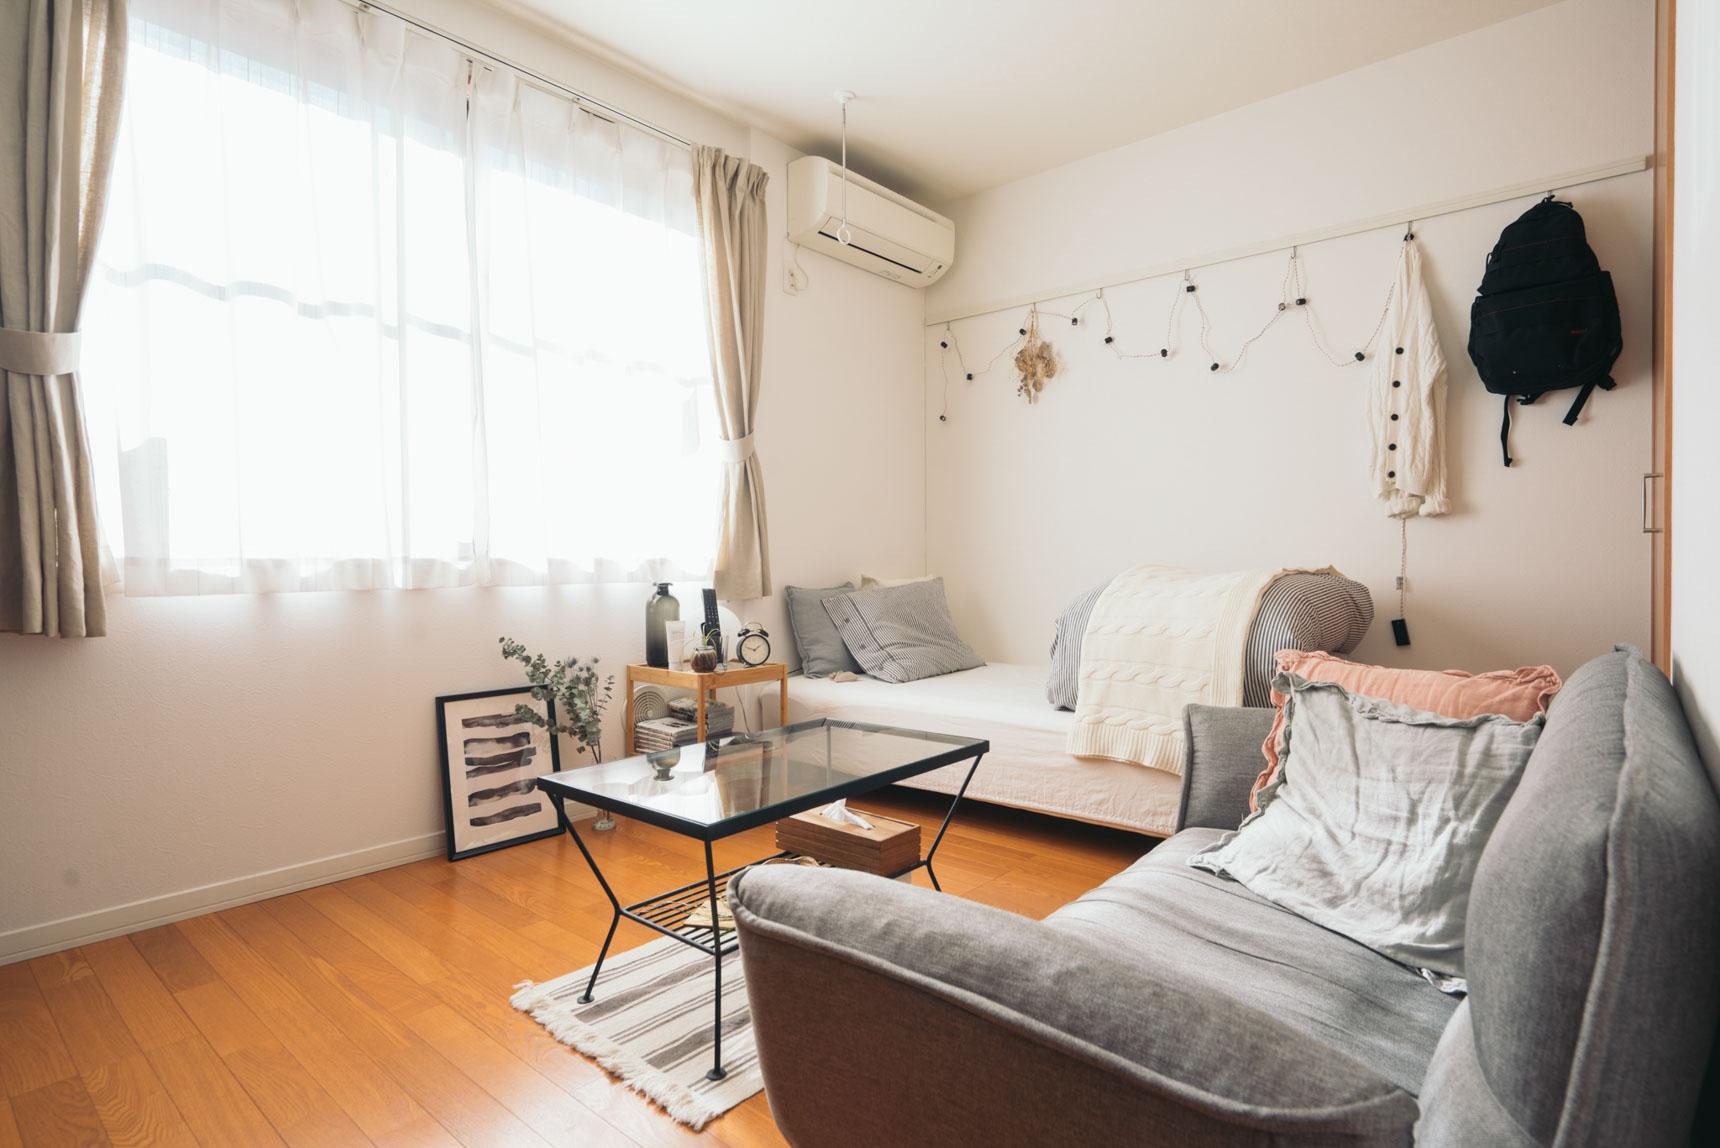 とても陽当たりのよい、横長間取りのお部屋